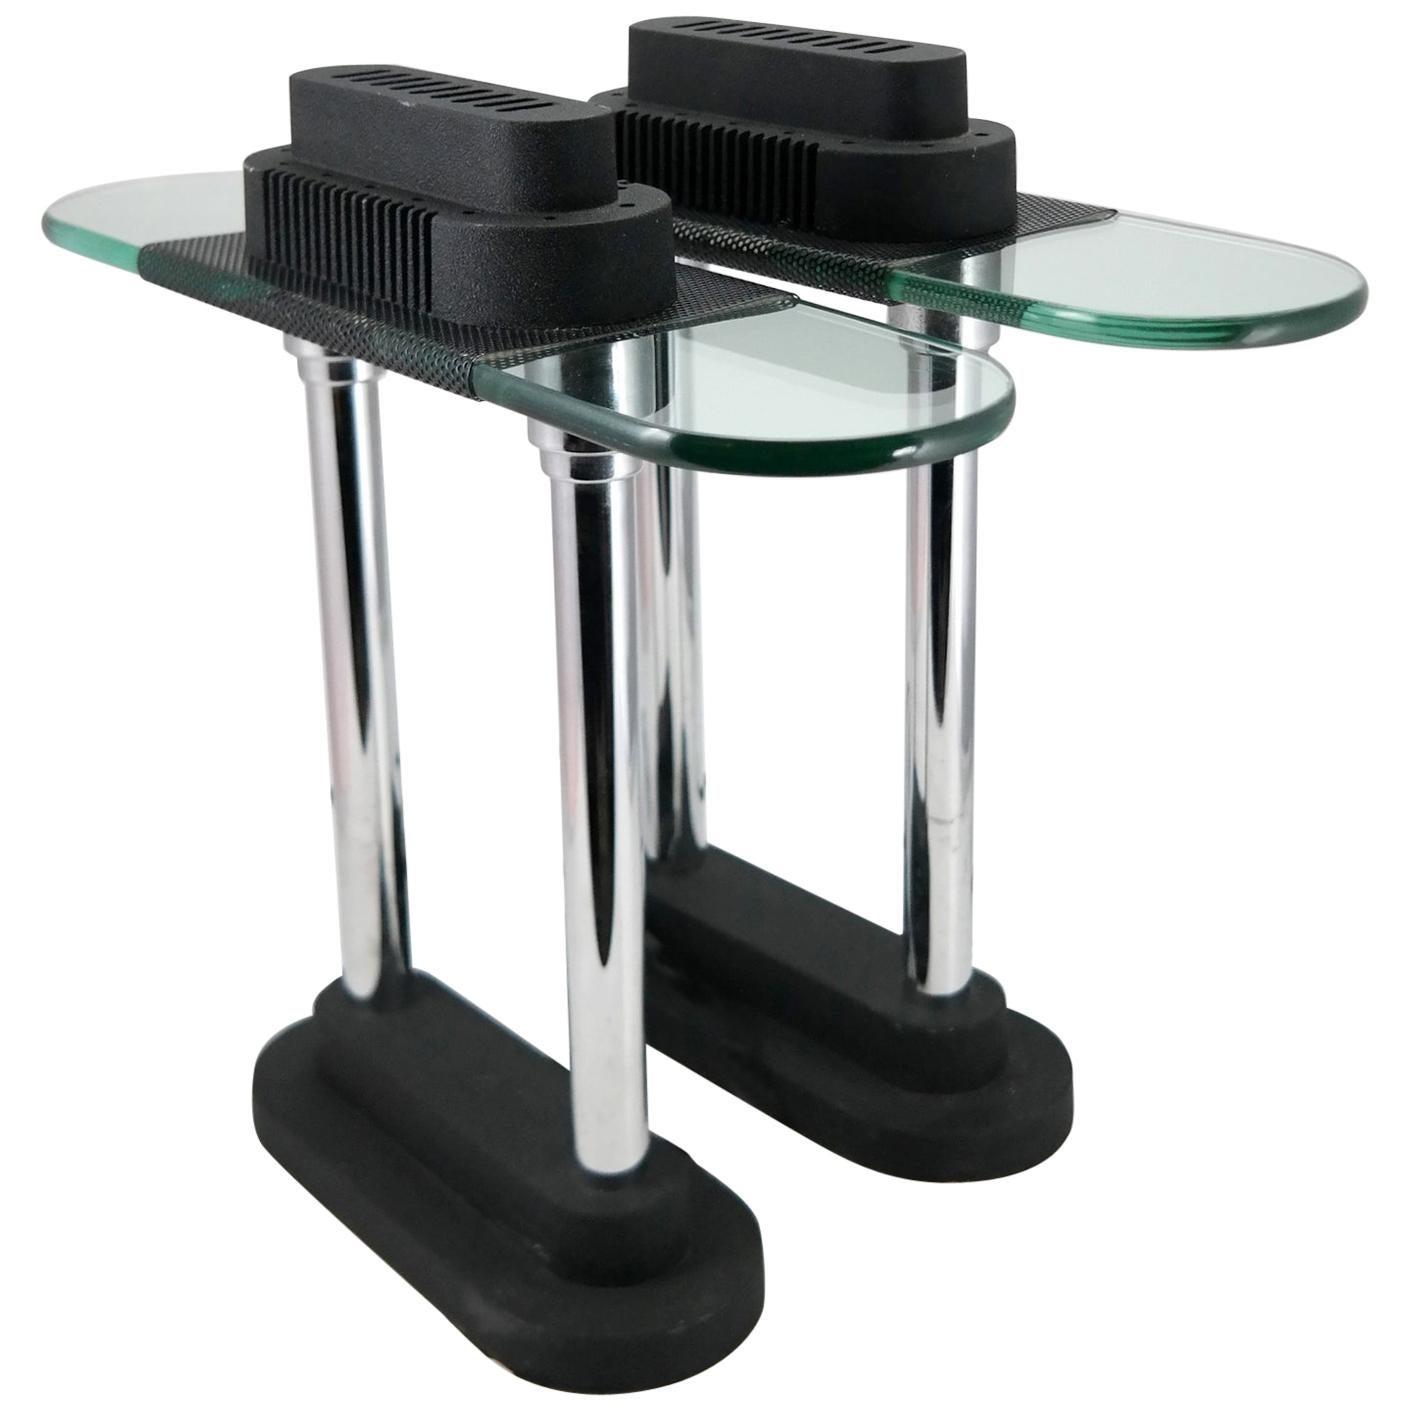 Postmodern Pair of Table Lamp by Robert Sonneman, 1980s